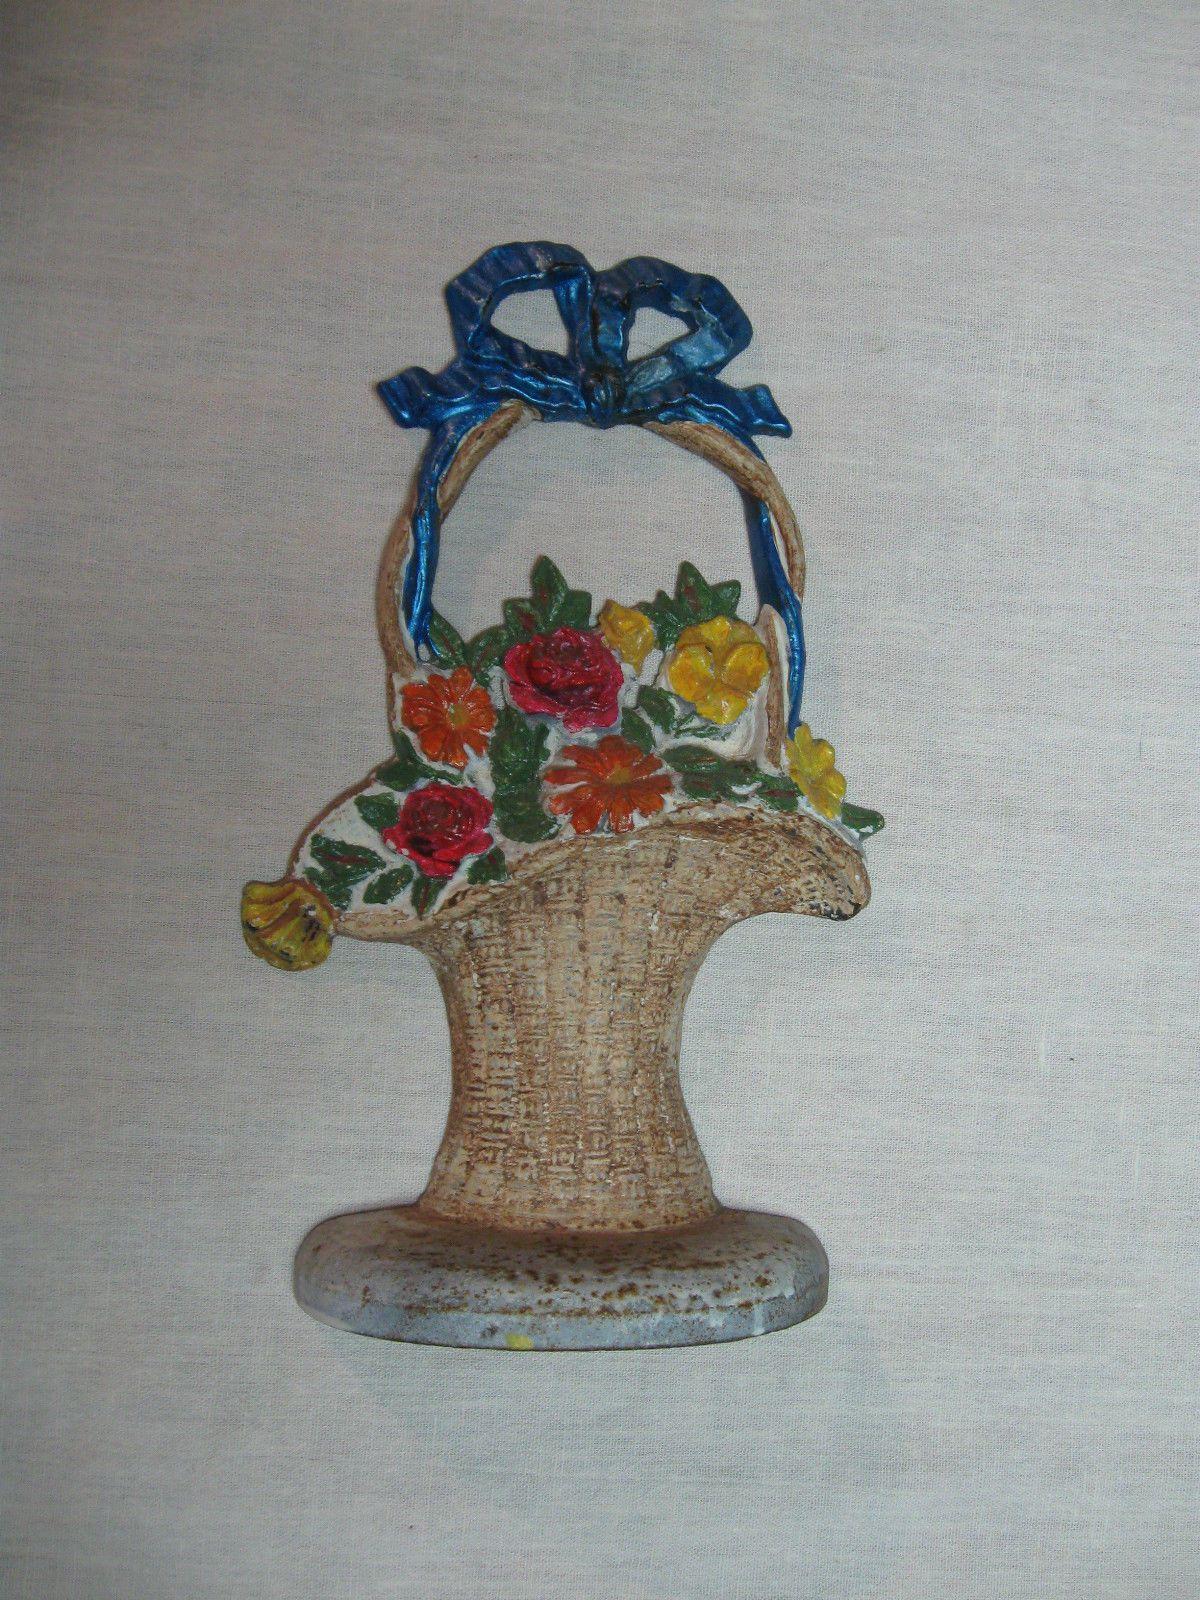 Vintage Flower Basket Cast Iron Door Stop | eBay & Vintage Flower Basket Cast Iron Door Stop | eBay | Doorstops ...